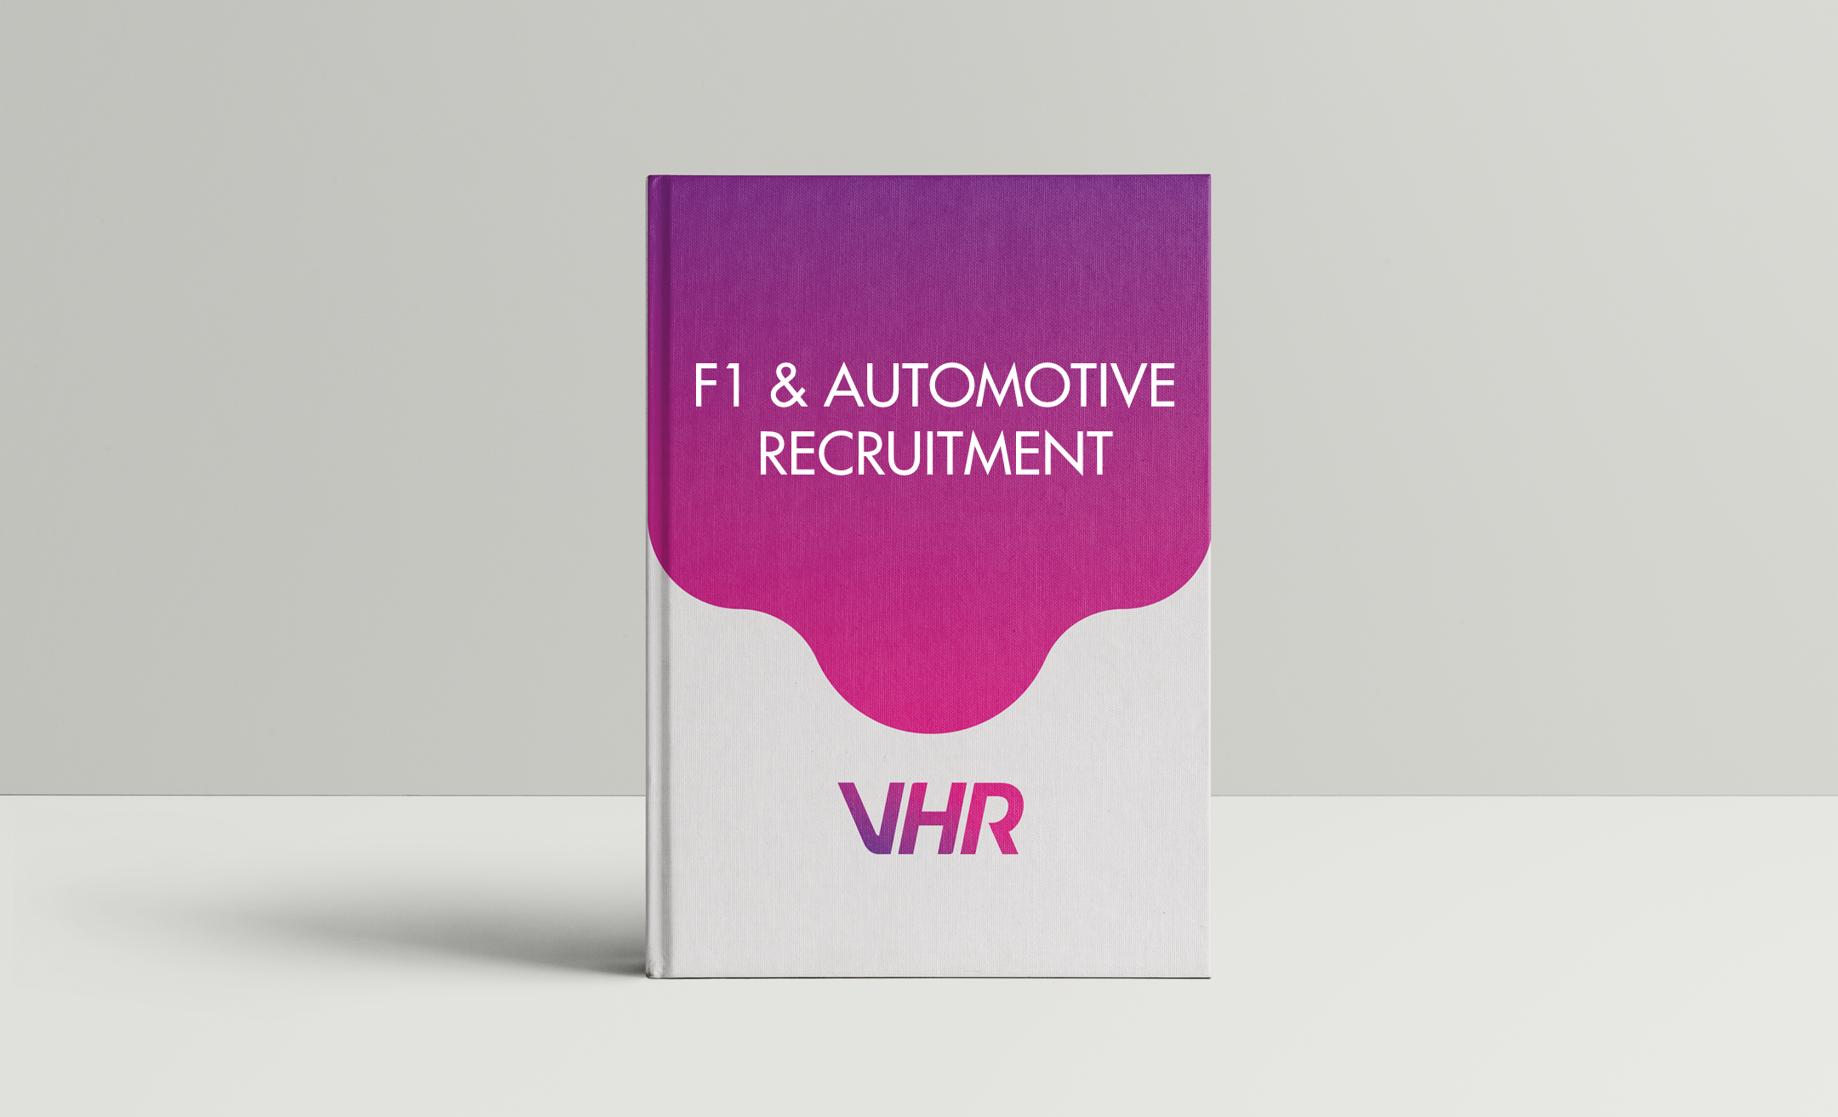 F1 & Automotive Recruitment Services Booklet